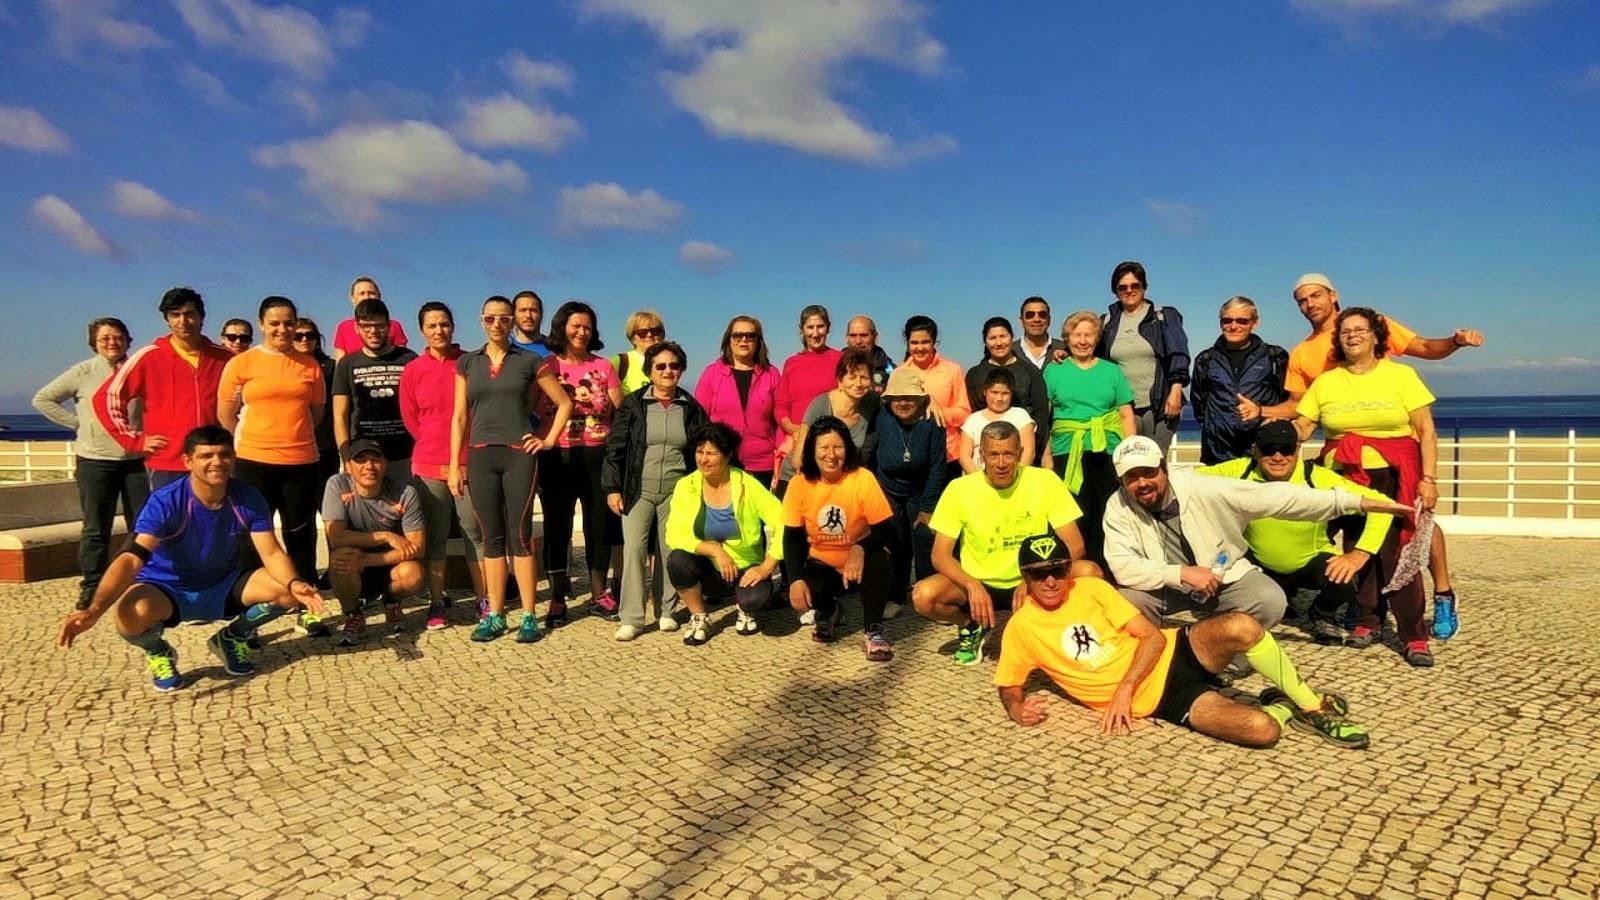 Dia Mundial da Actividade Física e Saúde - Nazaré